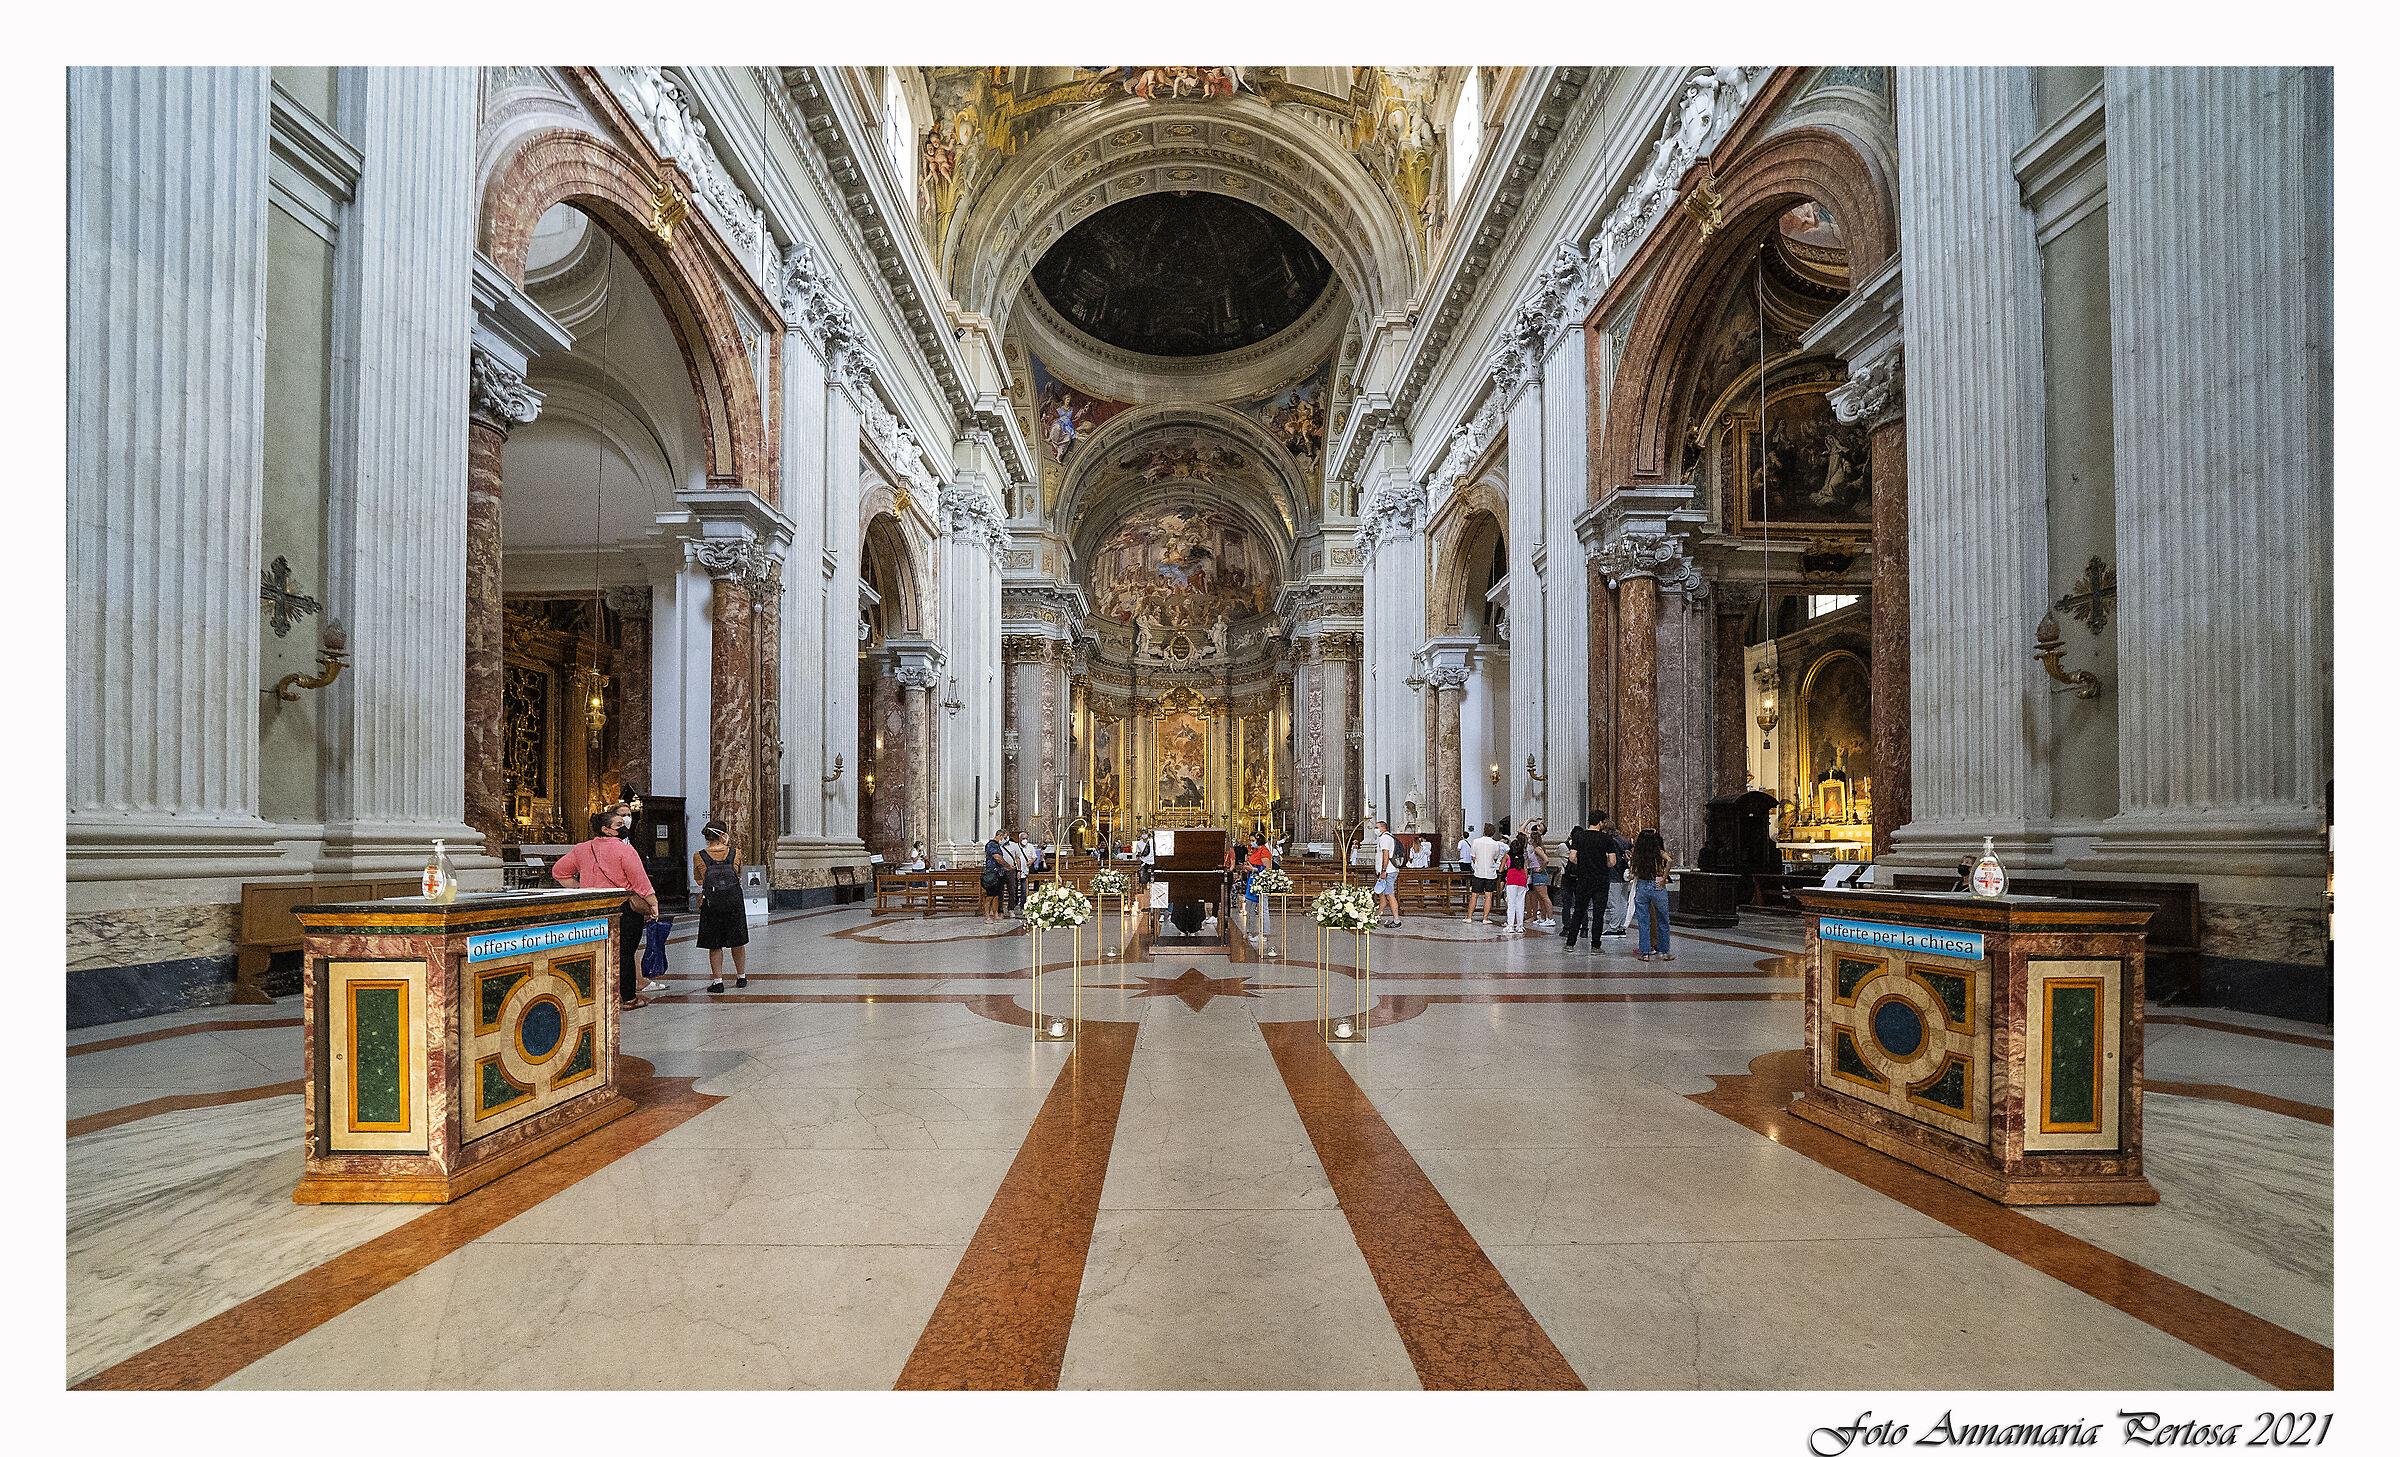 St. Ignatius of Loyola in Rome...